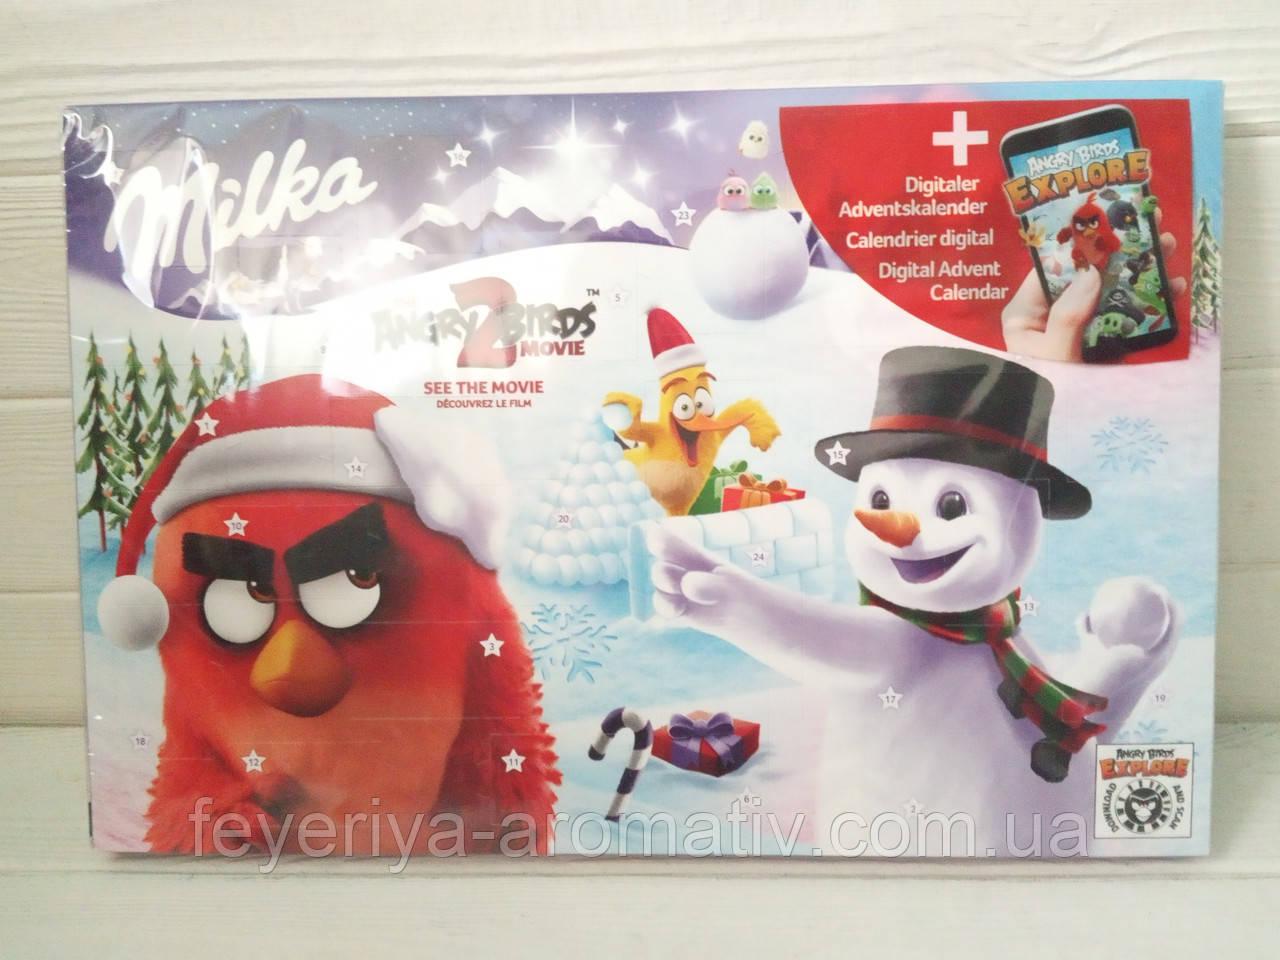 Адвентический календарь новогодний с молочным шоколадом Milka Adventskalender 200g (Швейцария)